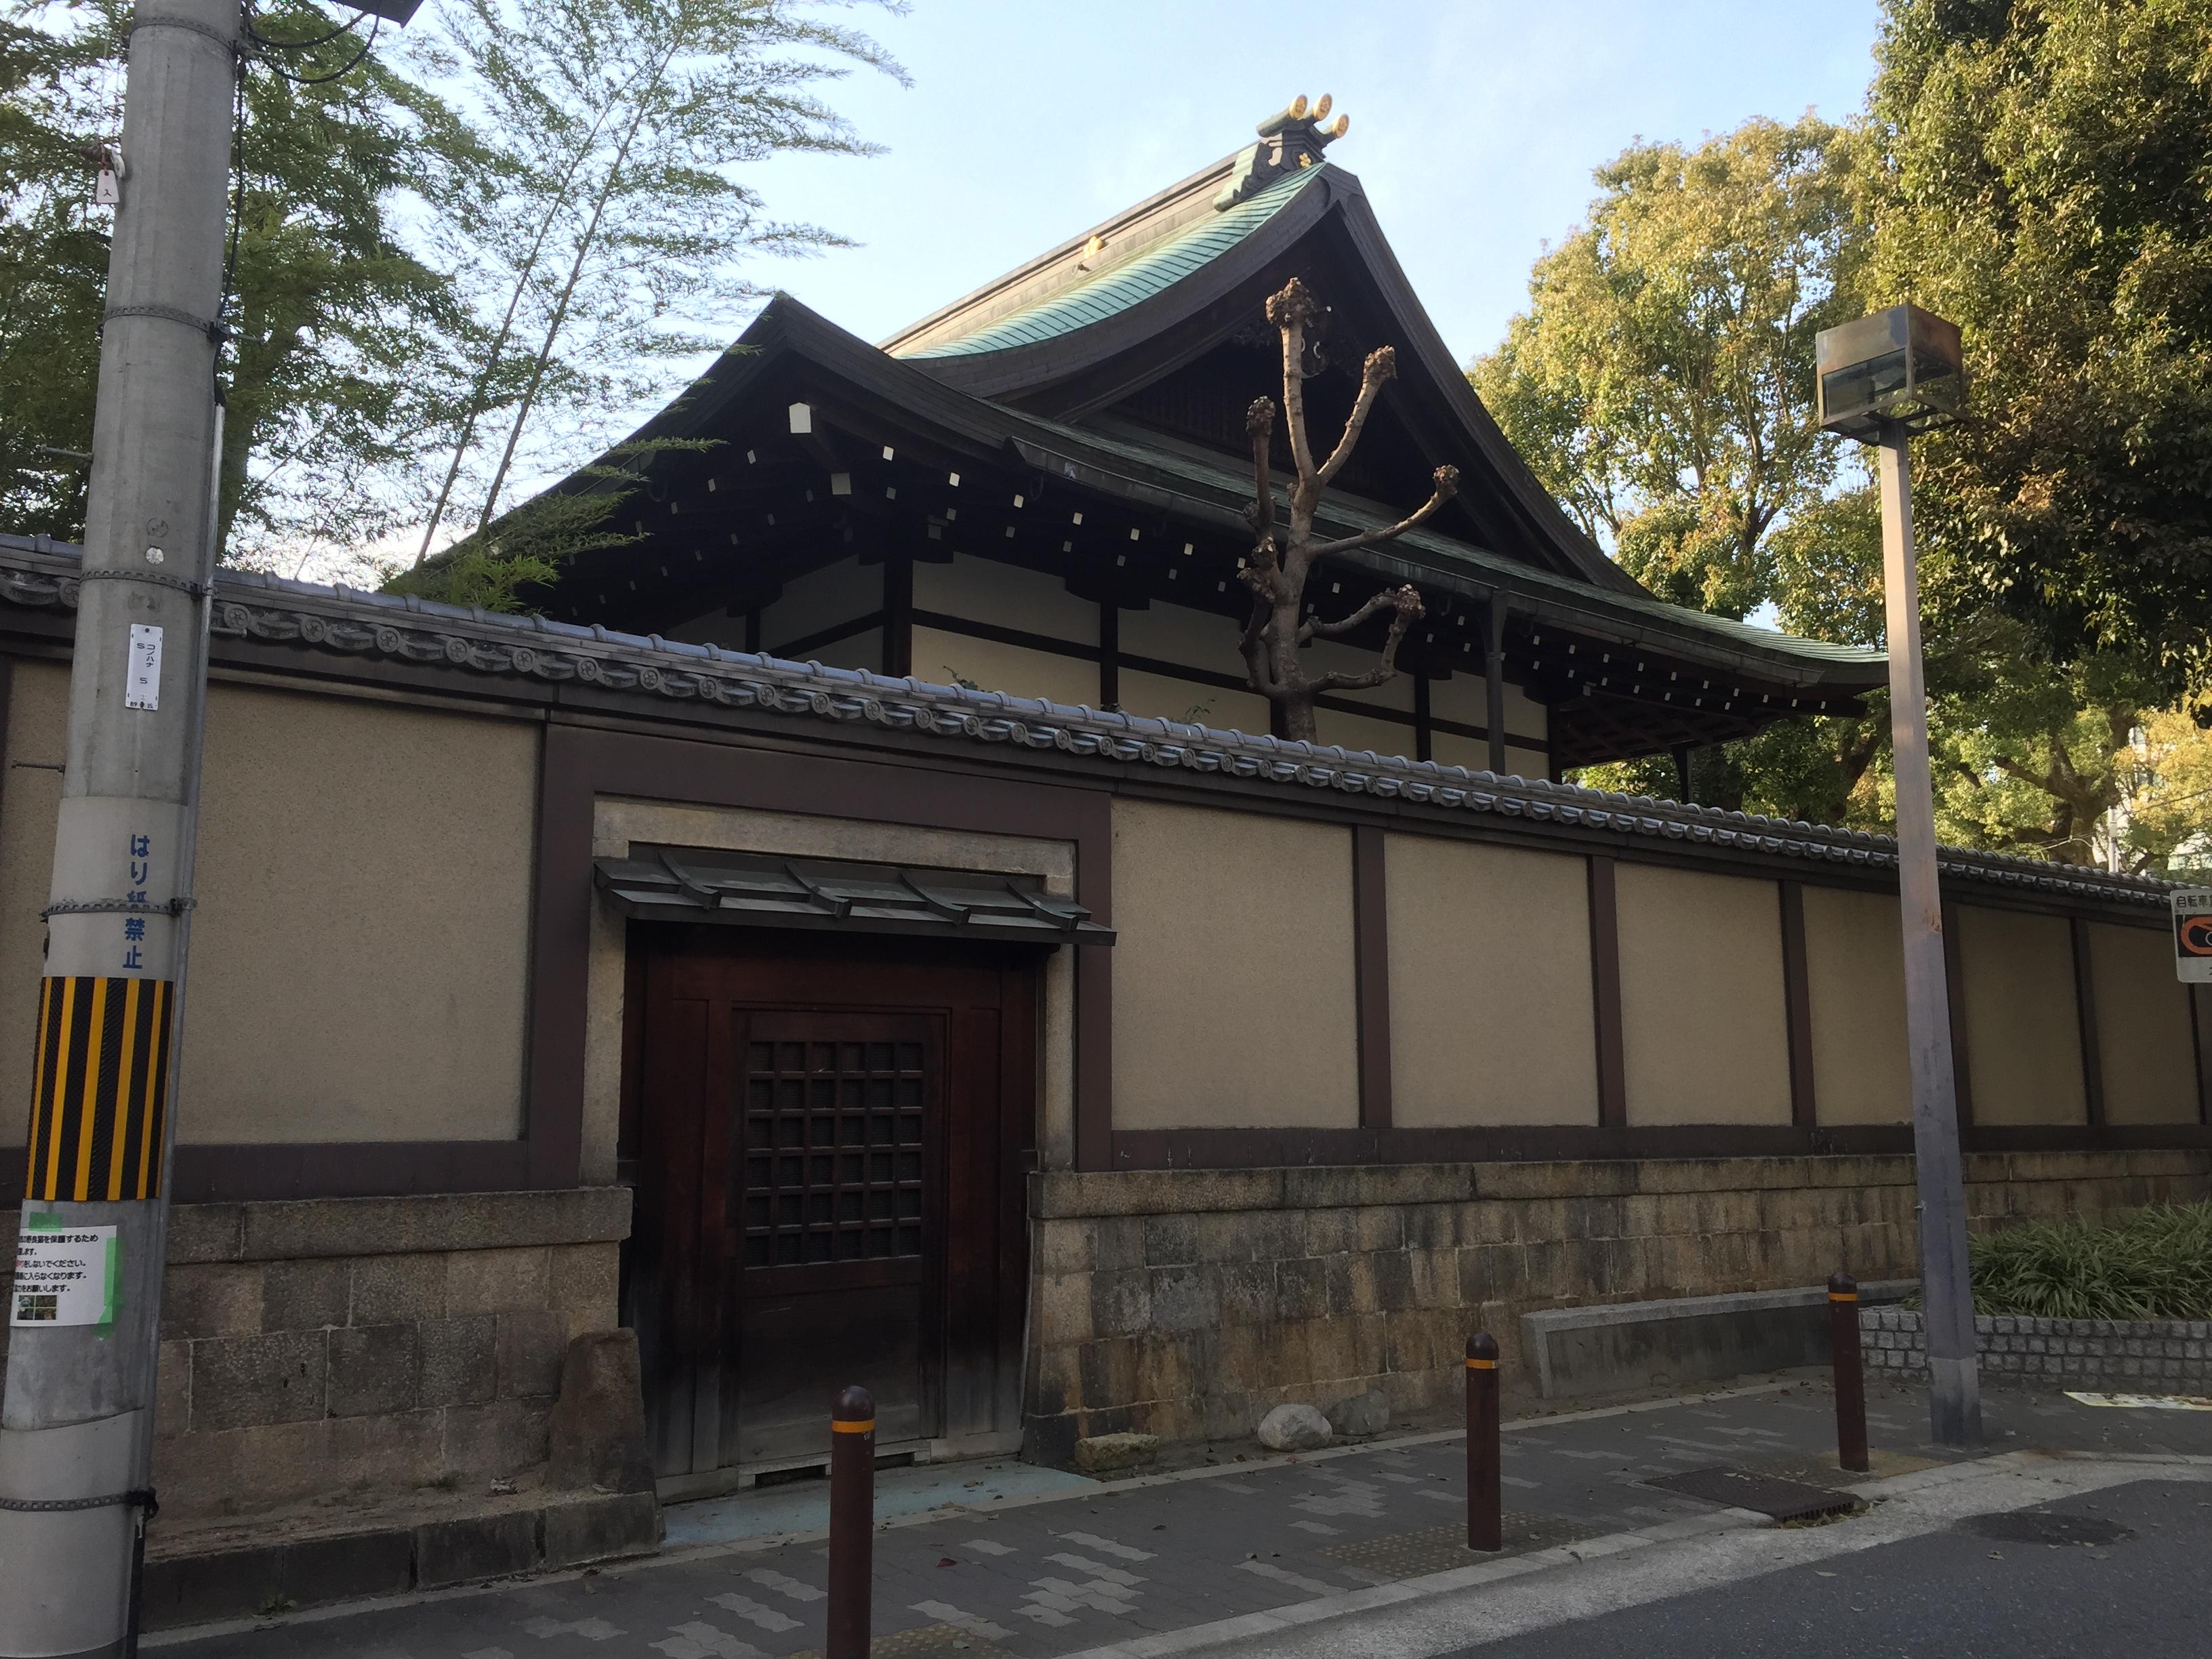 <p>梅花殿</p>天満宮敷地東側の道路から見える、梅花殿の屋根。